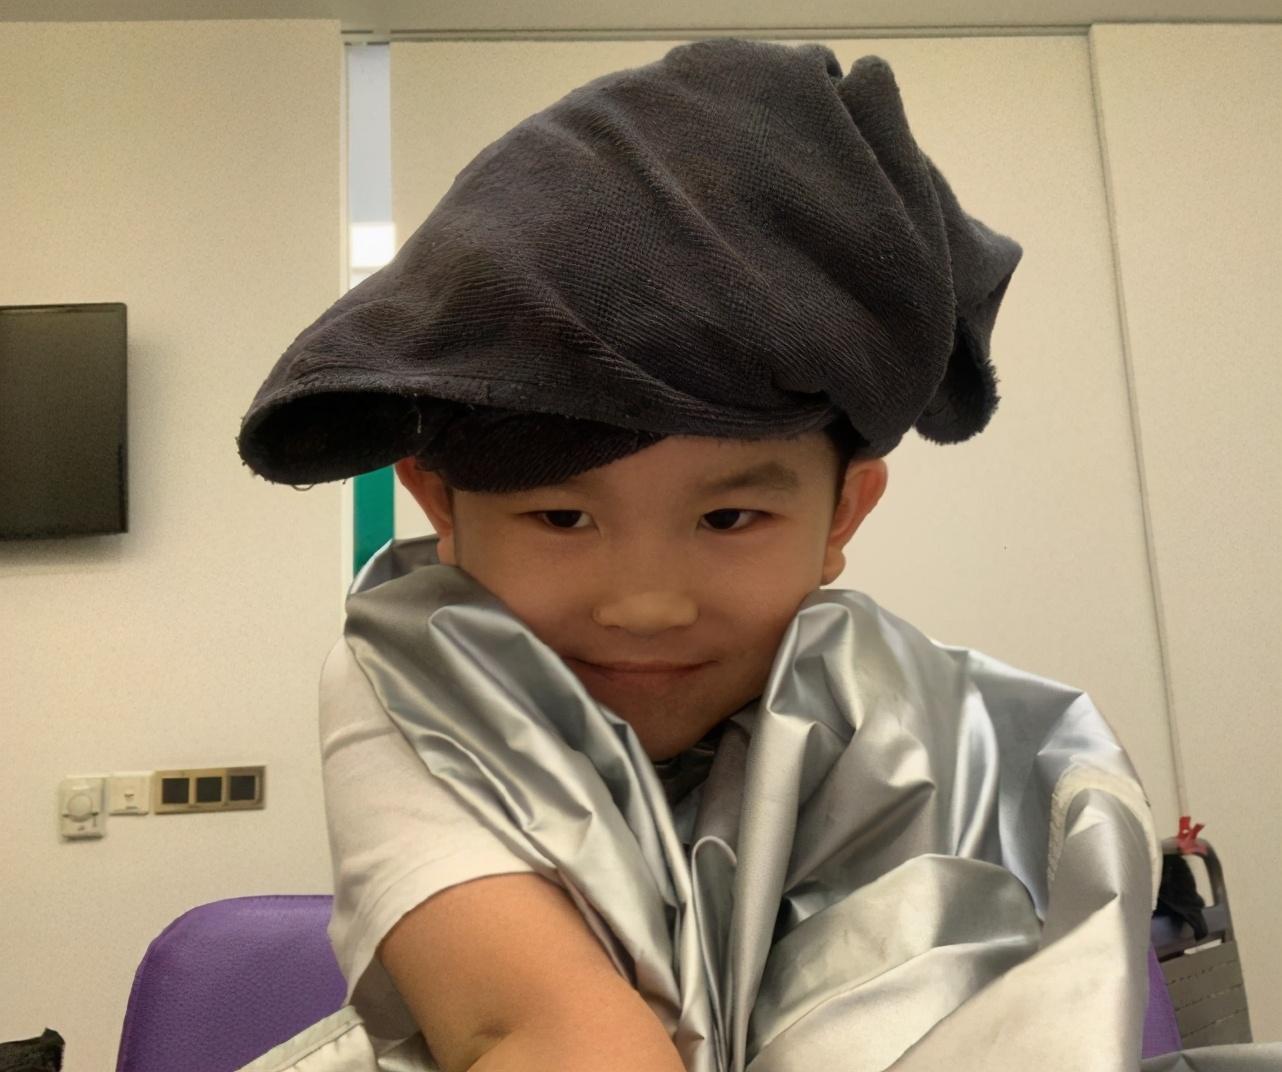 範文芳曬兒子,Zed造型別緻可愛,身高優越才6歲就長到130